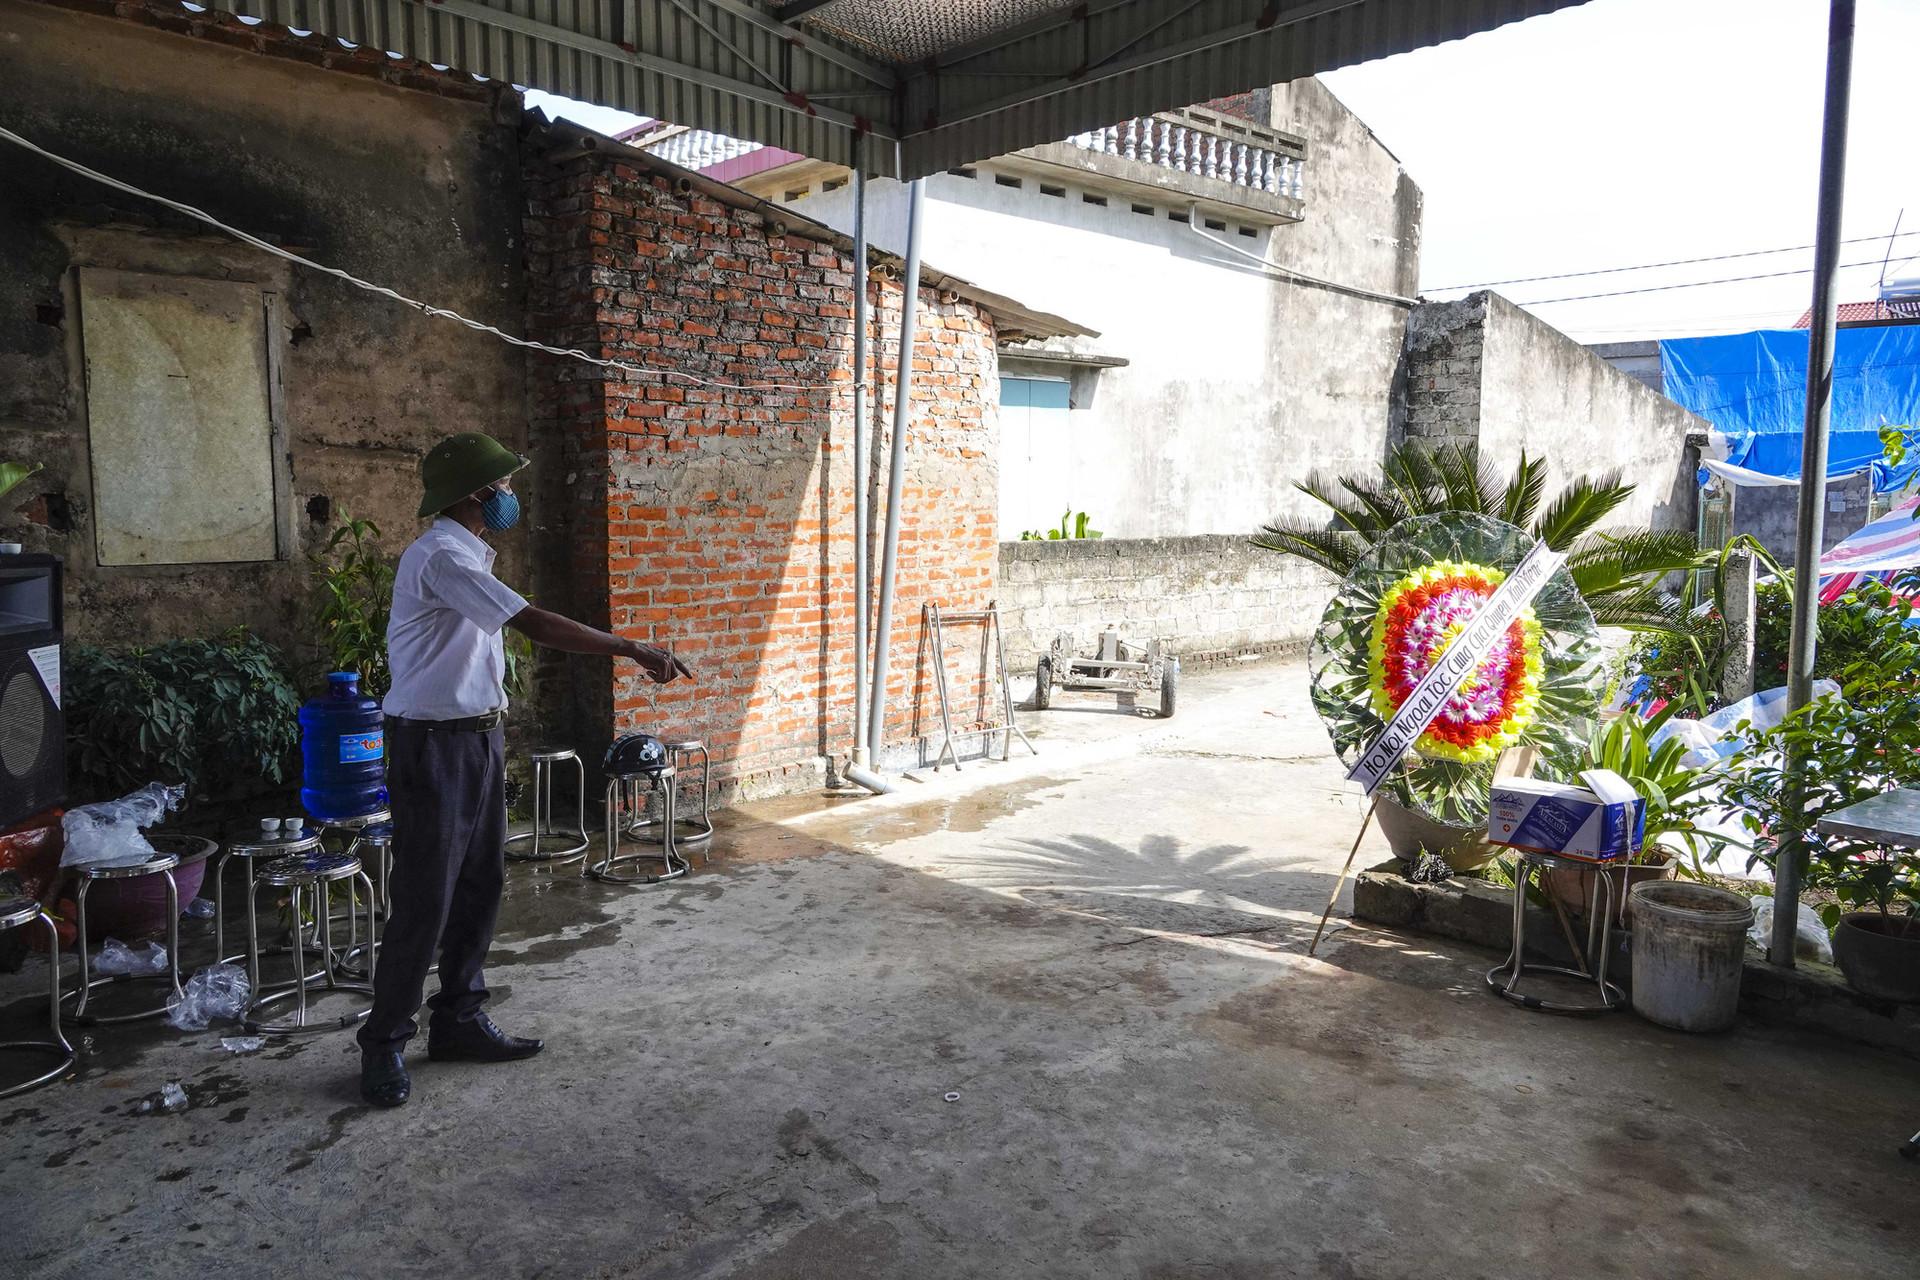 Vụ thảm án ở Thái Bình: Đám tang vội của 3 nạn nhân khiến nhiều người xót xa-11